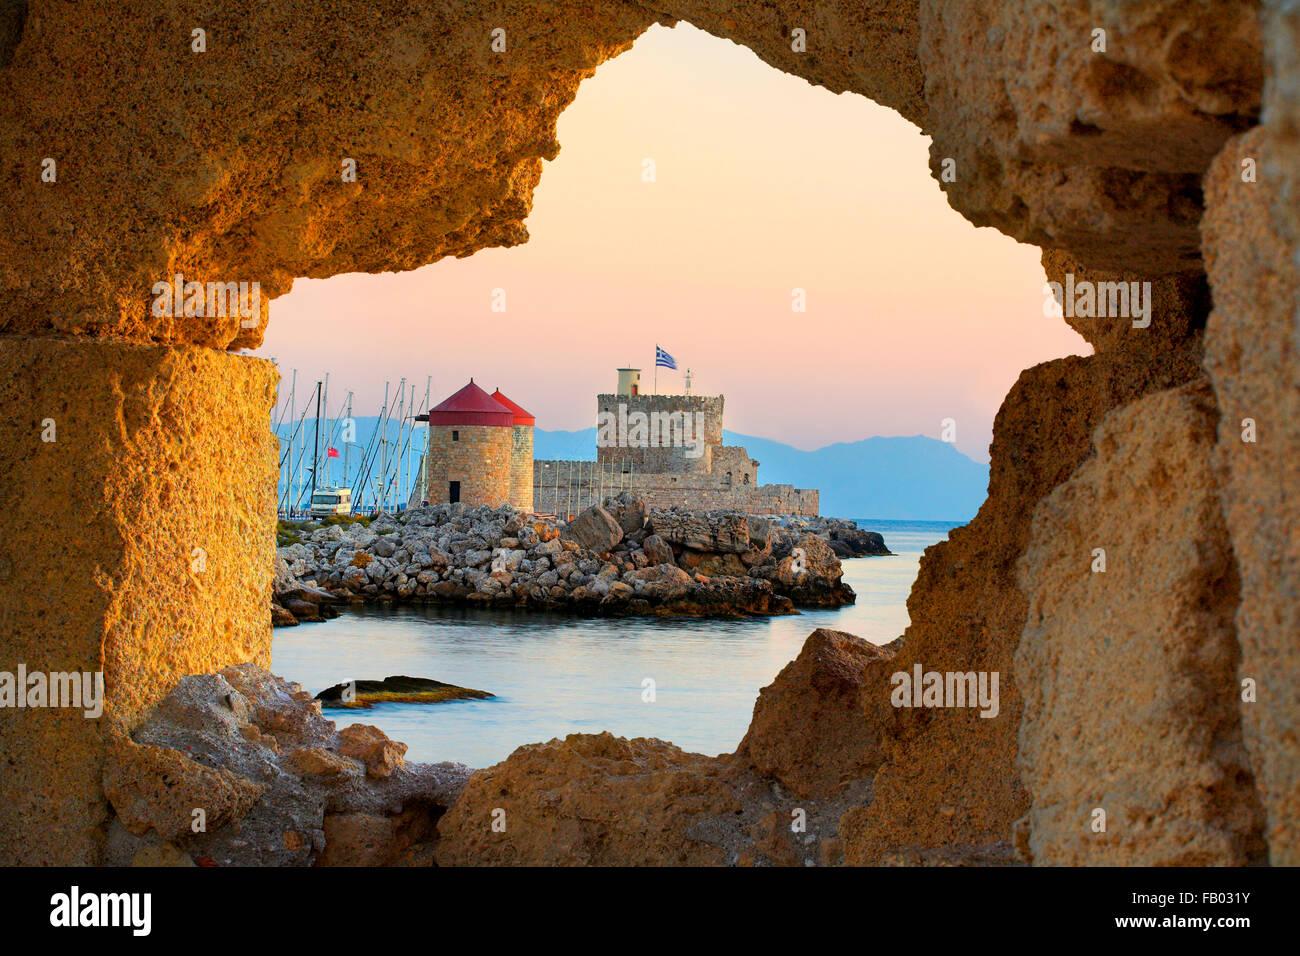 Le Château et vieux moulins à l'entrée dans le port de Mandraki Rhodes, Grèce, l'UNESCO Photo Stock